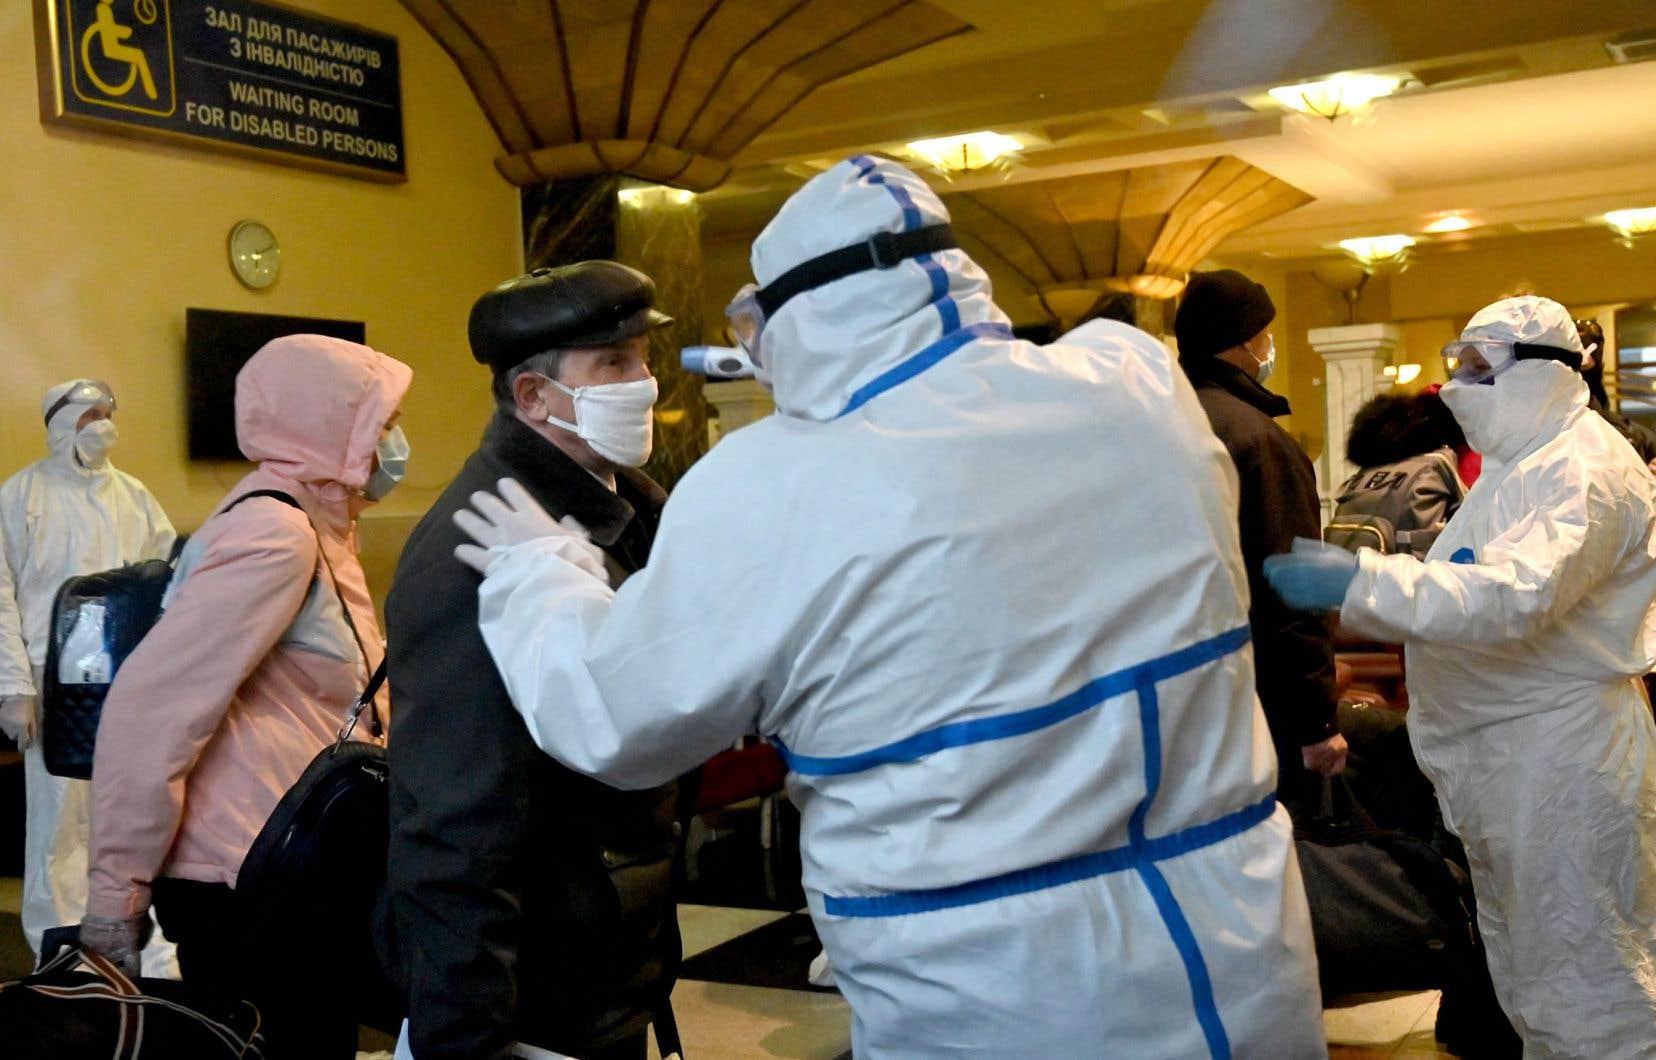 À Moscou, les autorités ont annoncé qu'elles allaient mettre en place une application mobile et des QR Codes pour vérifier que la population respecte les règles d'isolement et pour surveiller les malades.